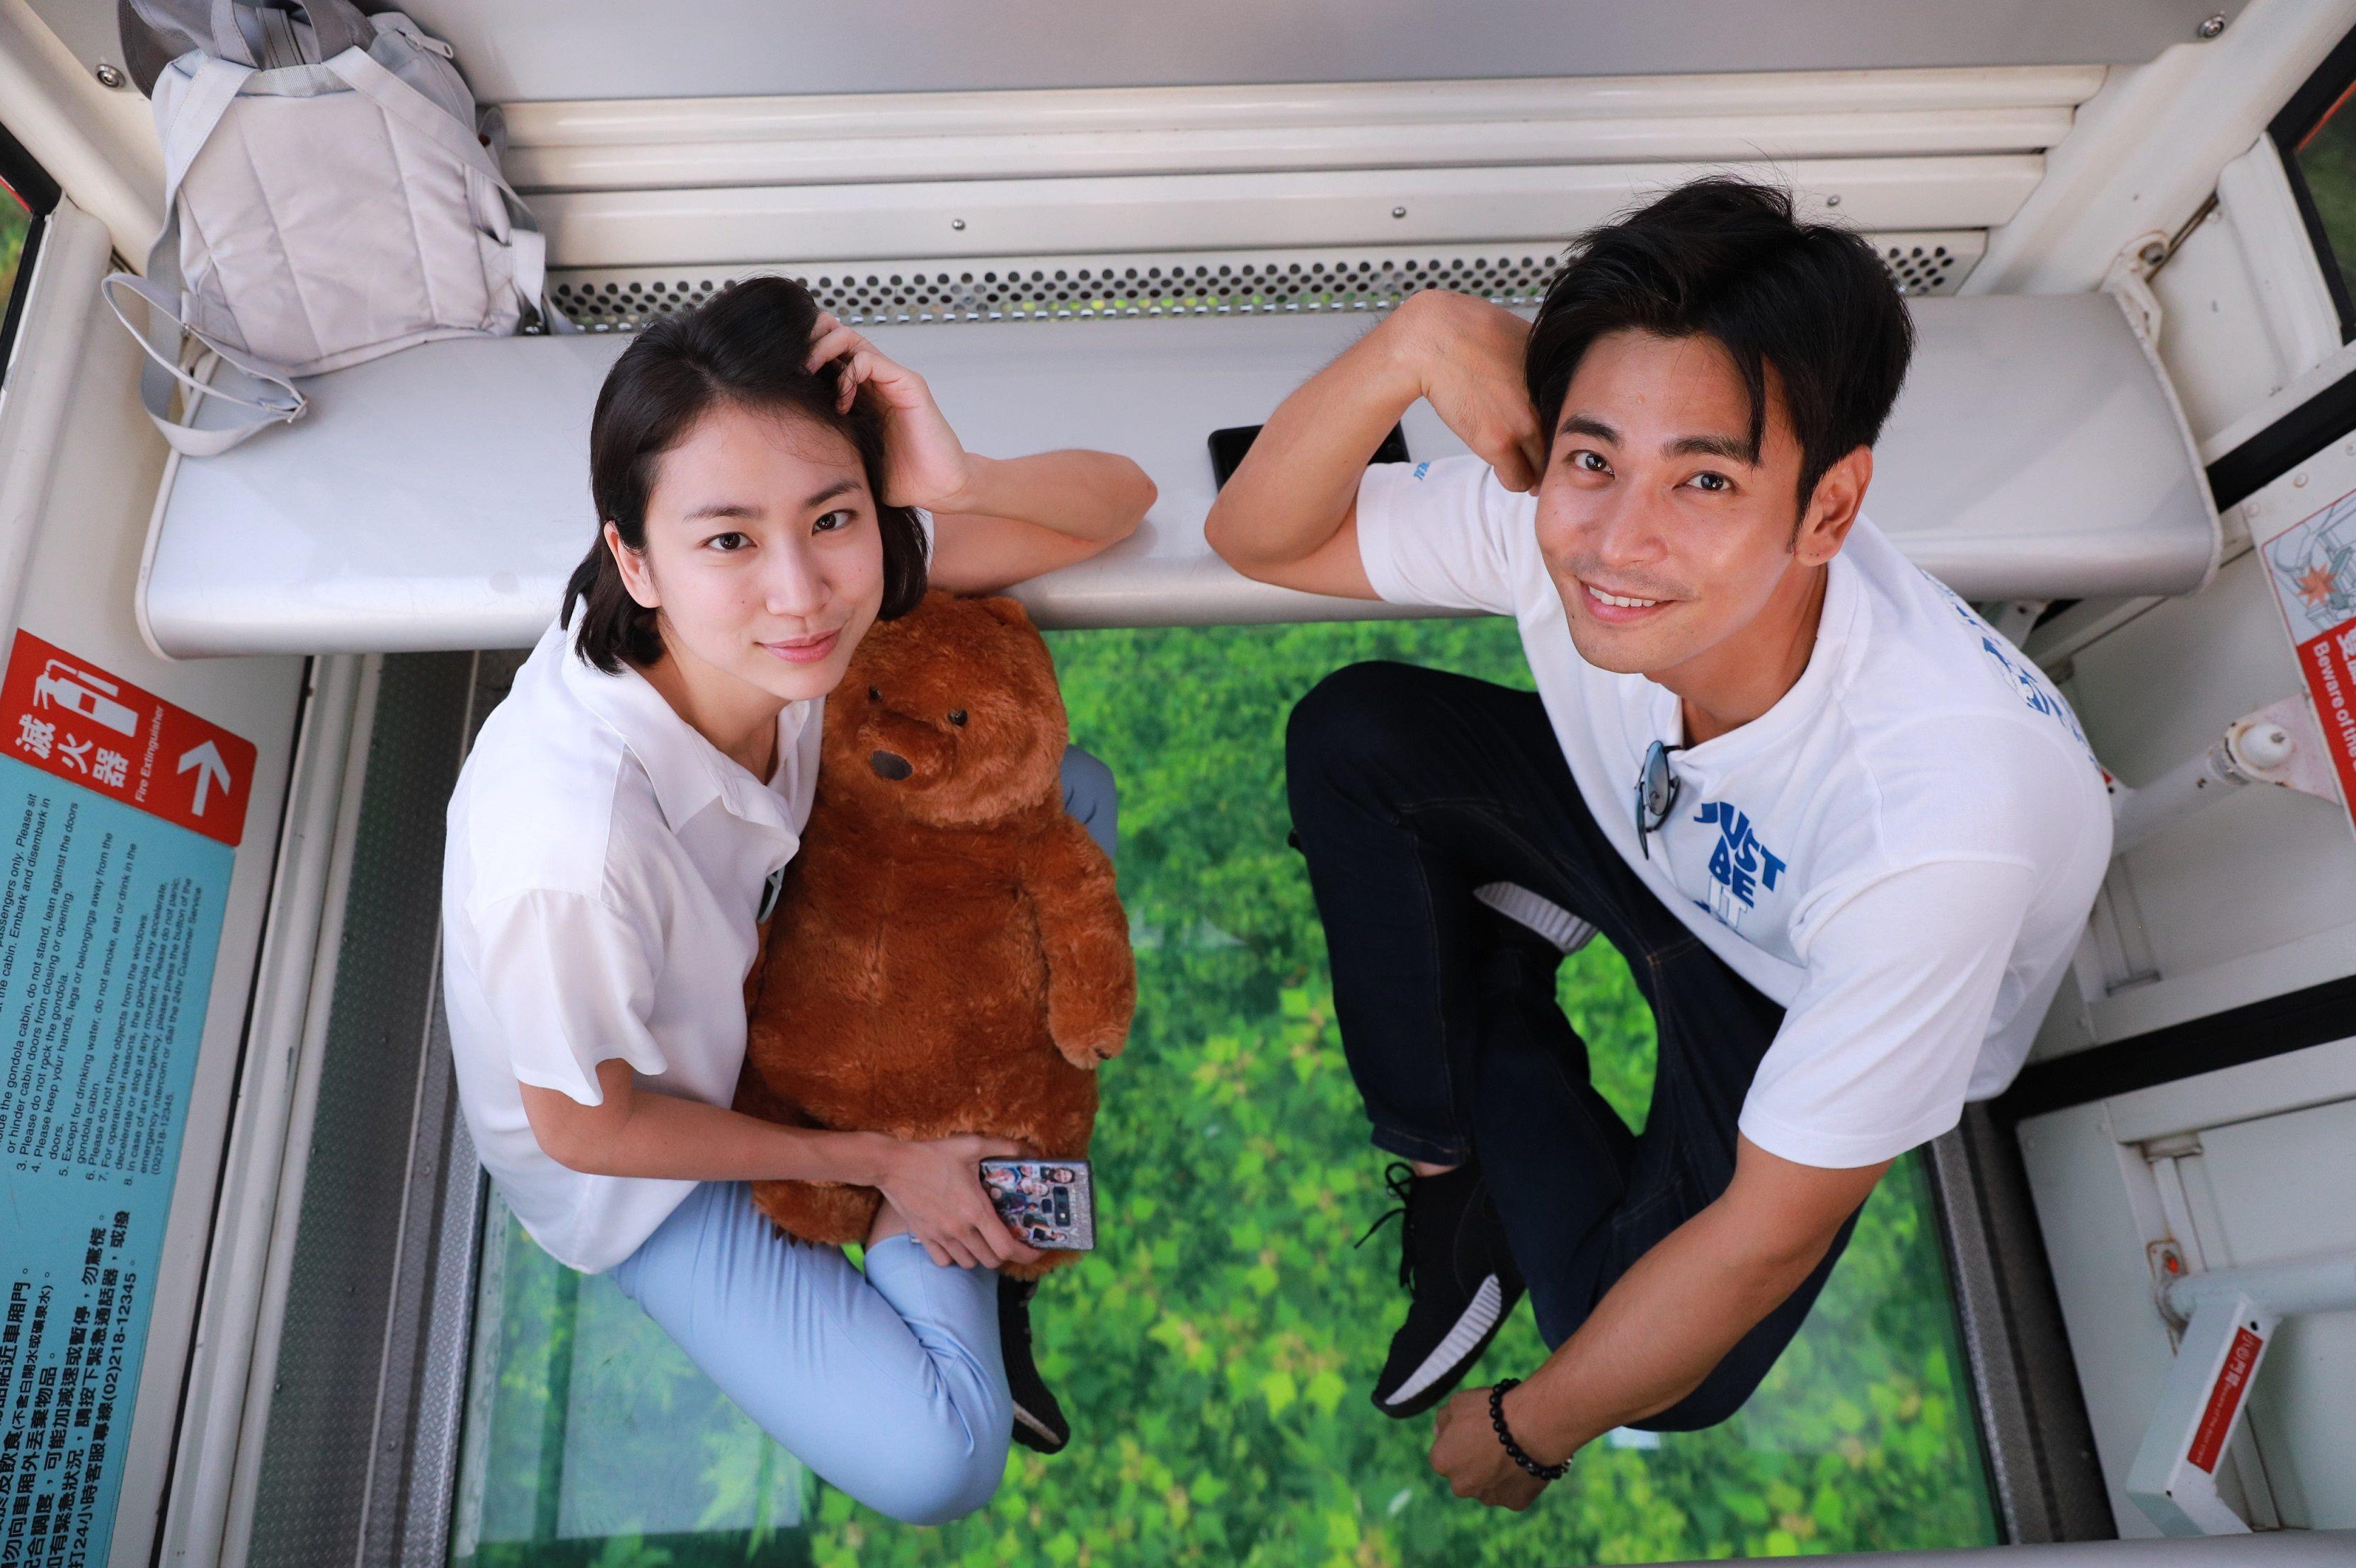 臺北巷弄達人楊子儀帶領Mint體驗貓空水晶纜車